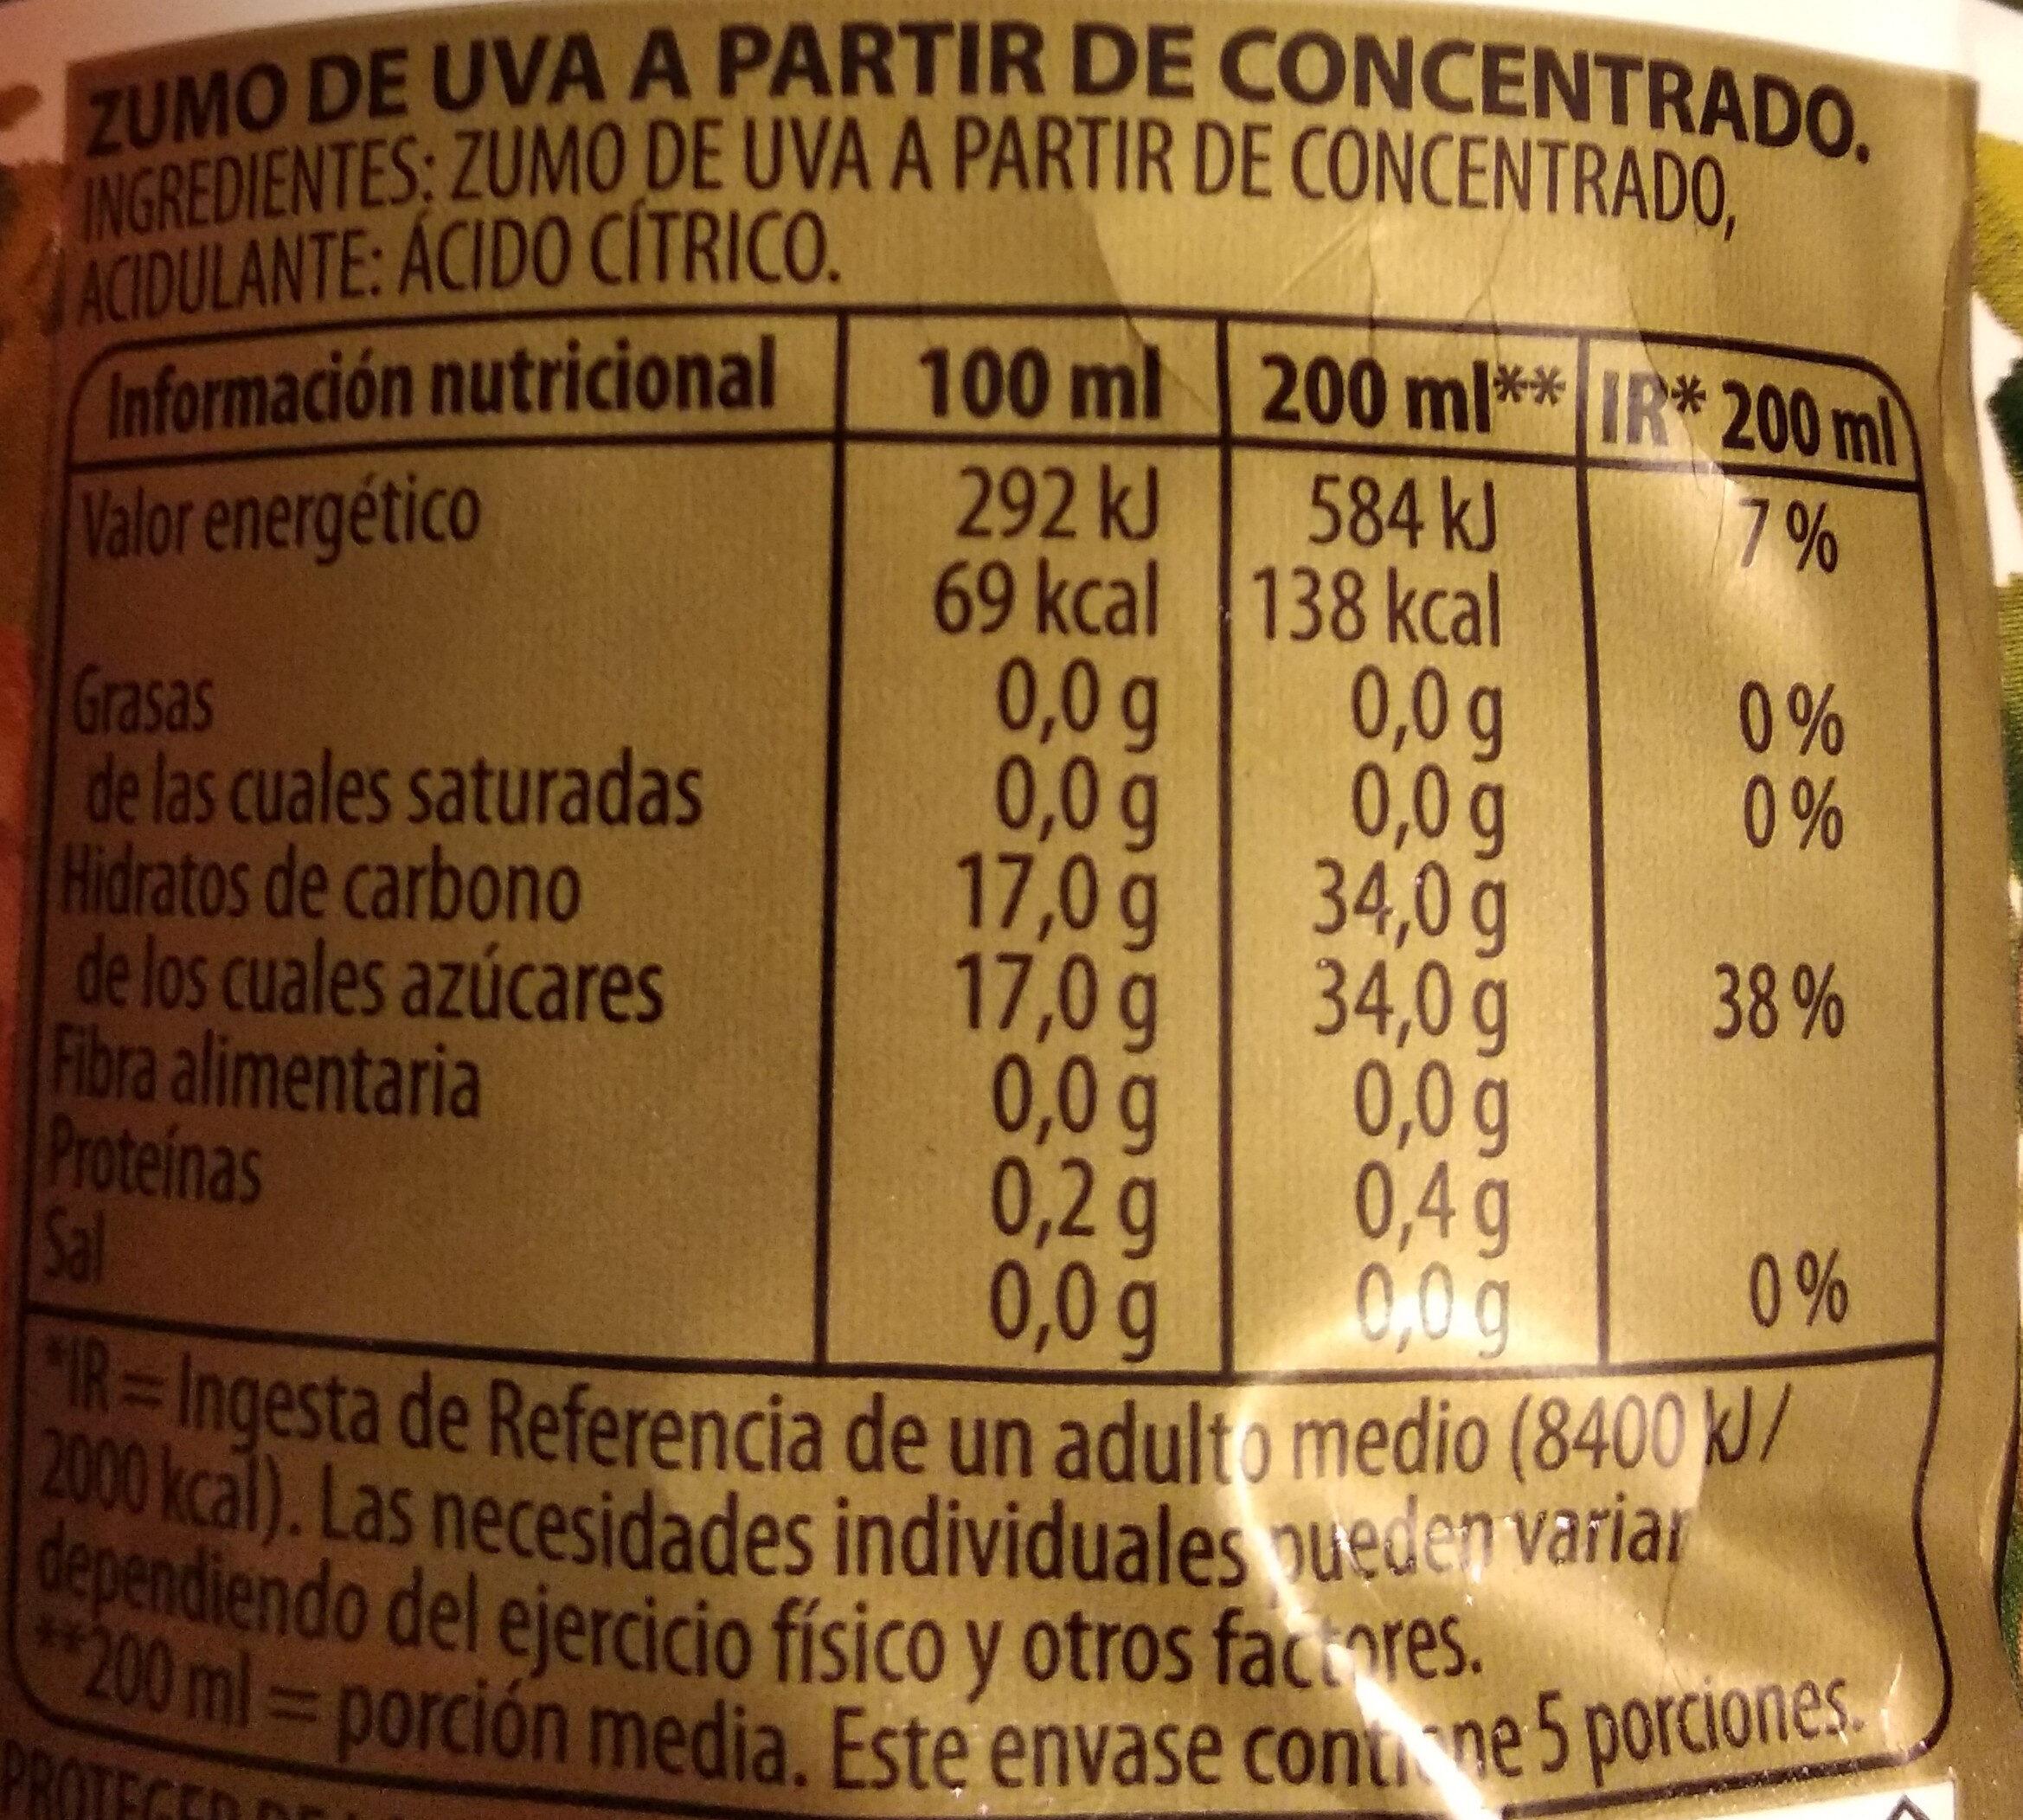 Zumo de uva a partir de concentrado - Valori nutrizionali - es